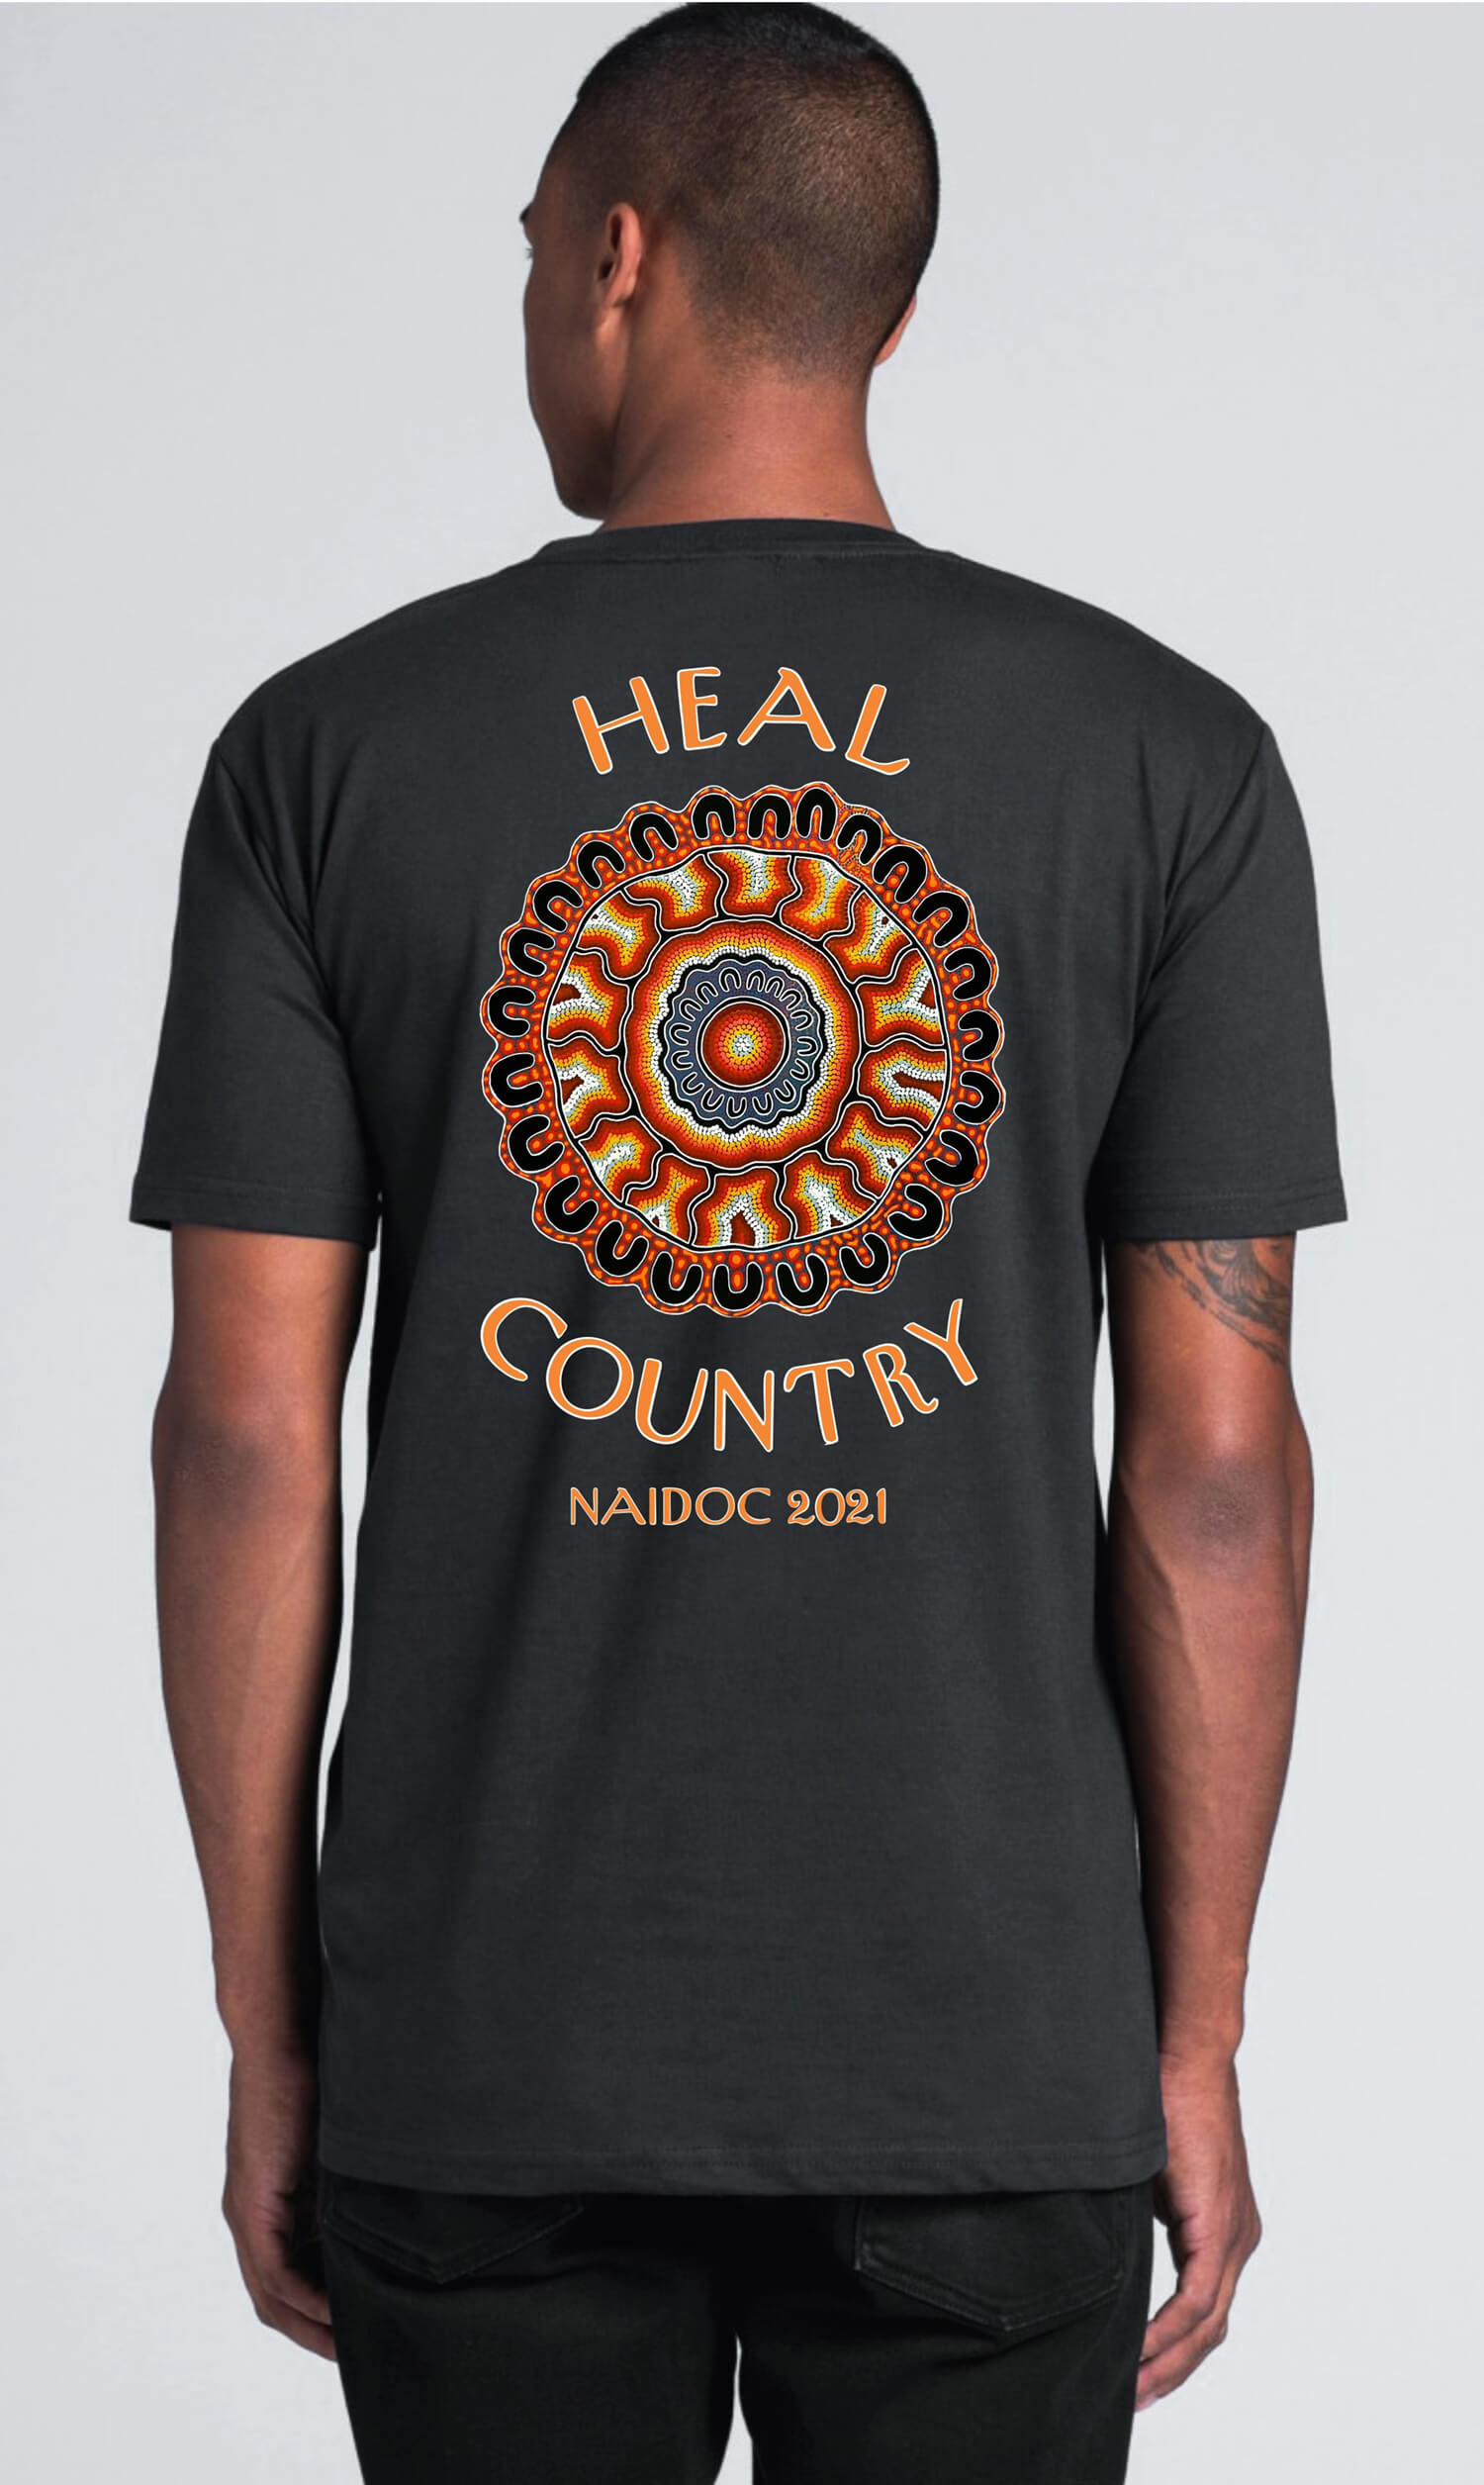 NAIDOC 2021 Yarning Circle Heal Country Mens Tee